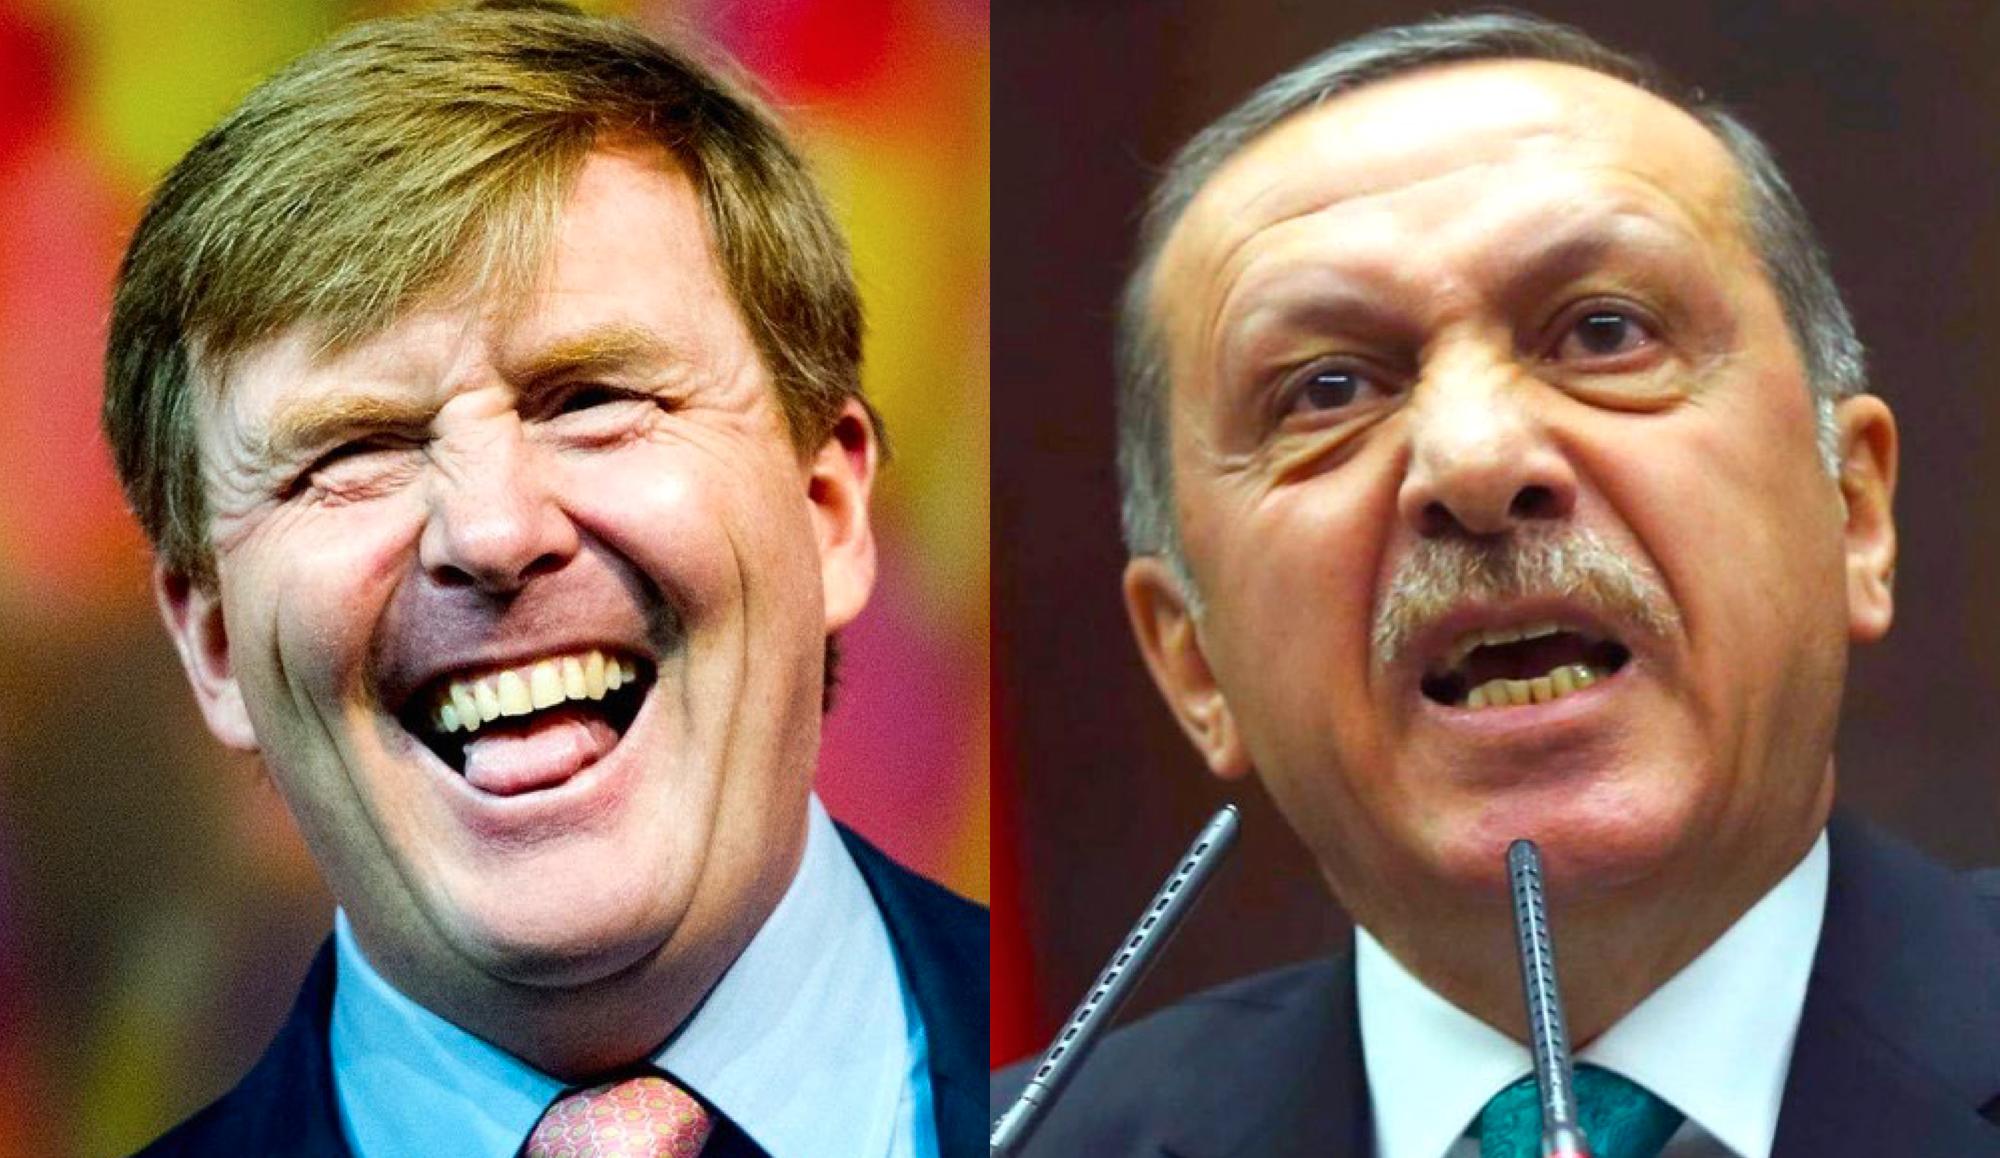 Het ene staatshoofd is het andere niet als het om satire gaat.